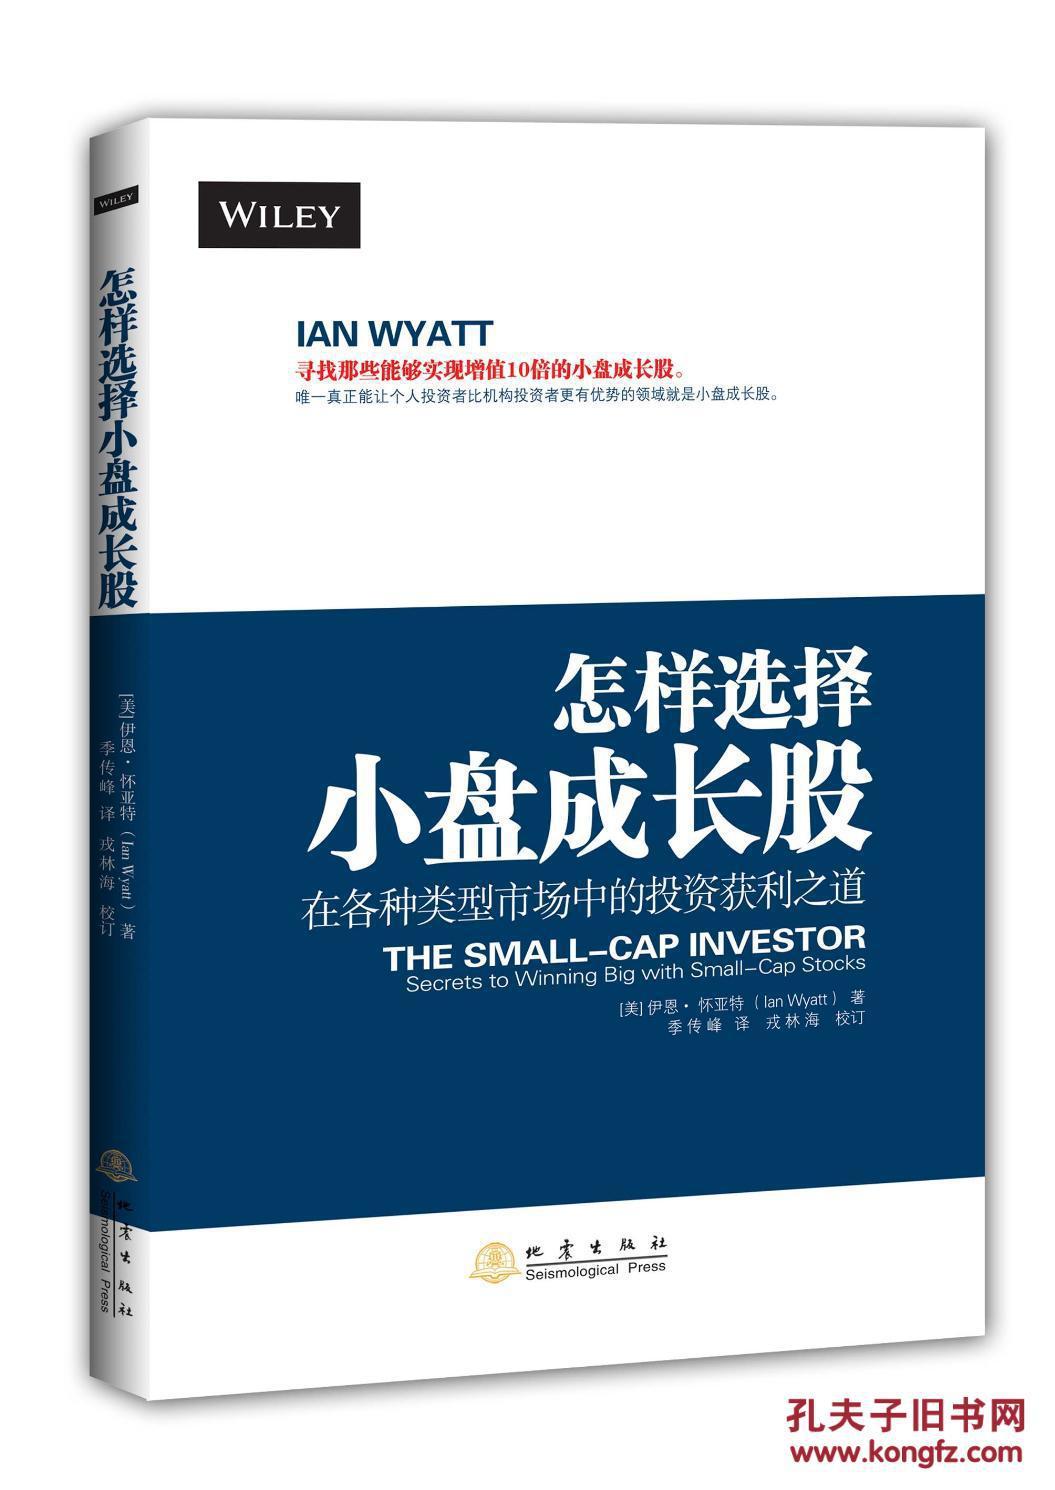 【正版新书】怎样选择小盘成长股美)伊恩 怀亚特(Ian Wyatt)             季传峰地震出版社 9787502846312